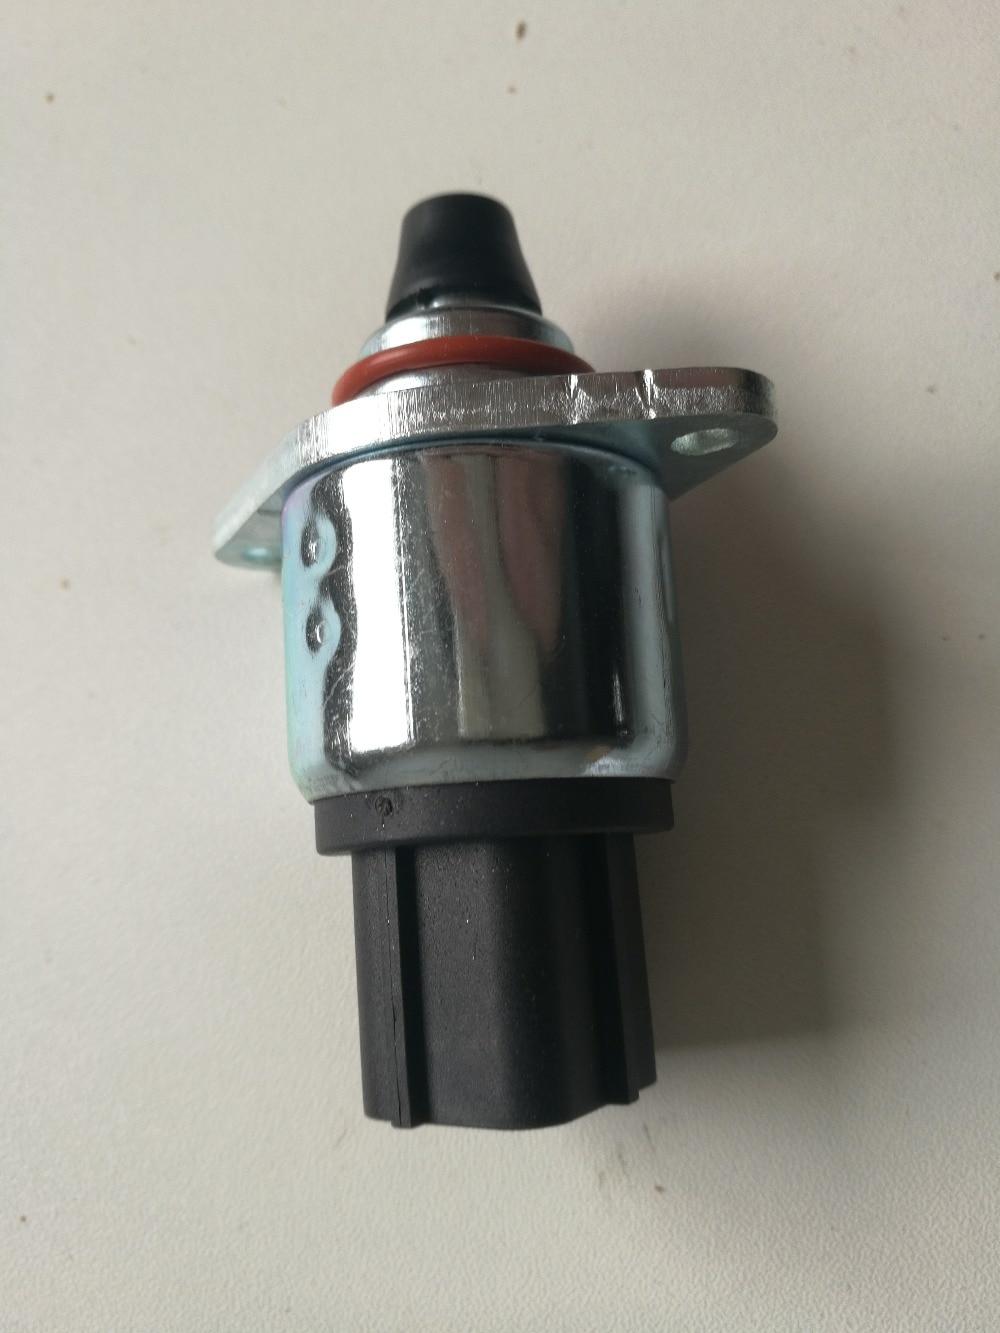 Контрольный клапан холостого хода AC519 для Forester Baja Legaz GEGT6610 22650AA192 22650 AA192 22650-AA192